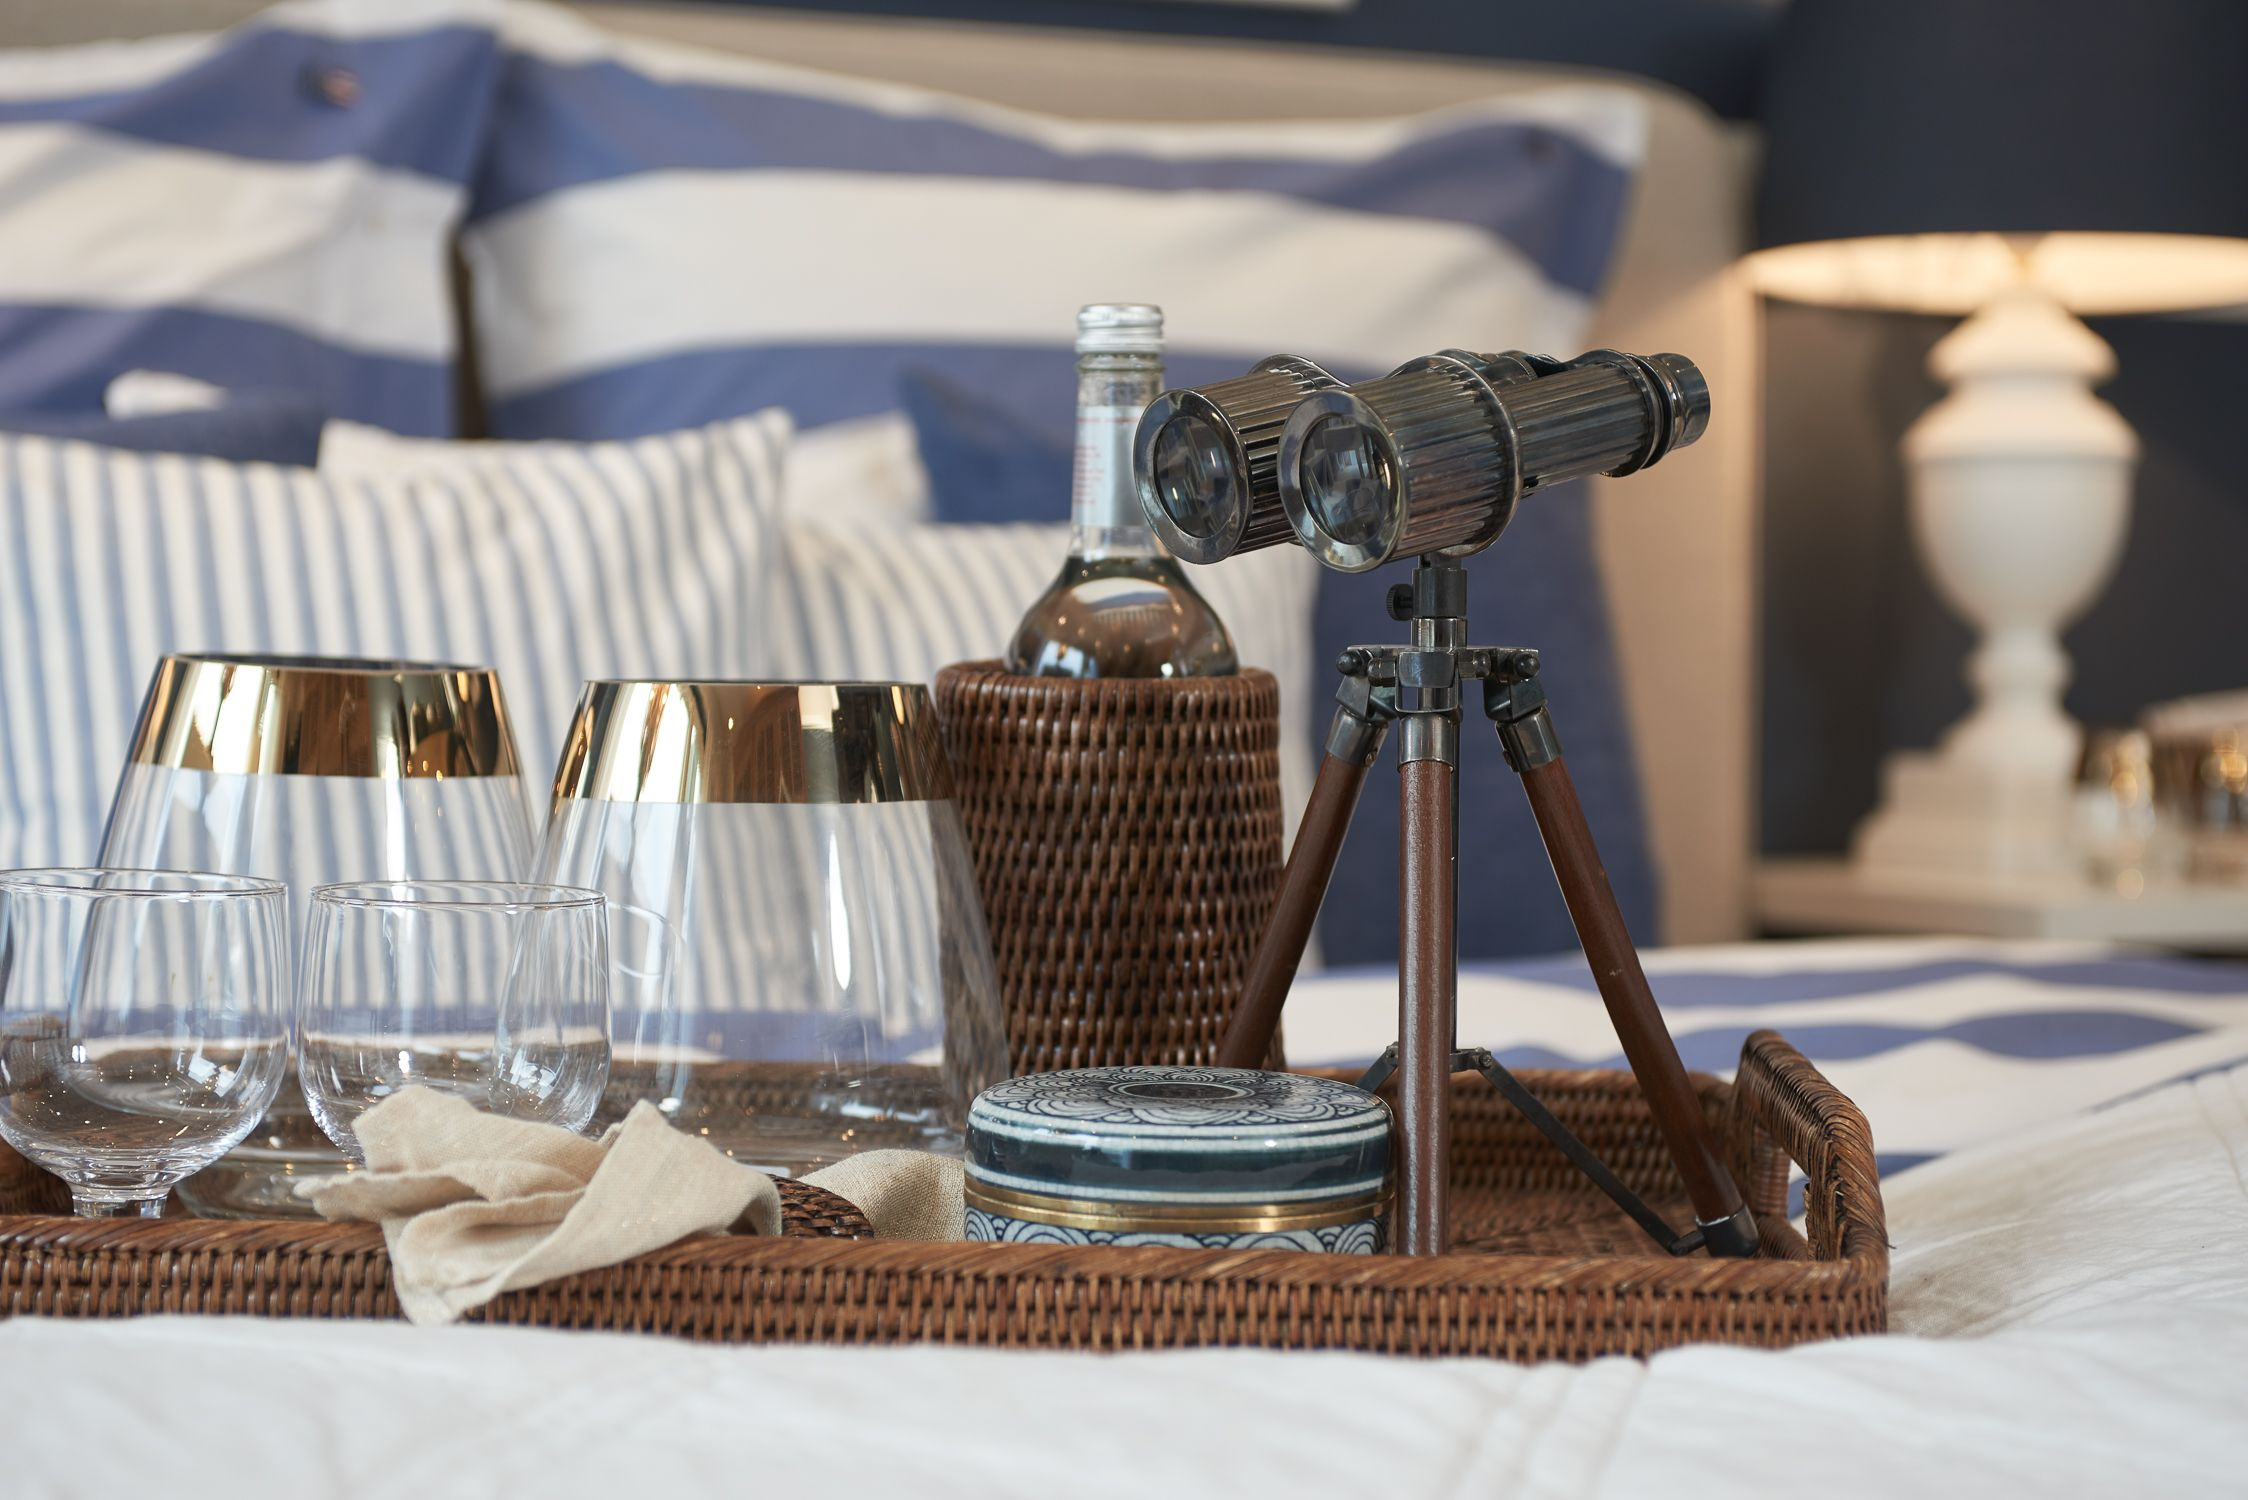 schlafzimmer accessoires schlafsofas g nstig ebay bettdecken clips ikea schlafzimmer holz. Black Bedroom Furniture Sets. Home Design Ideas